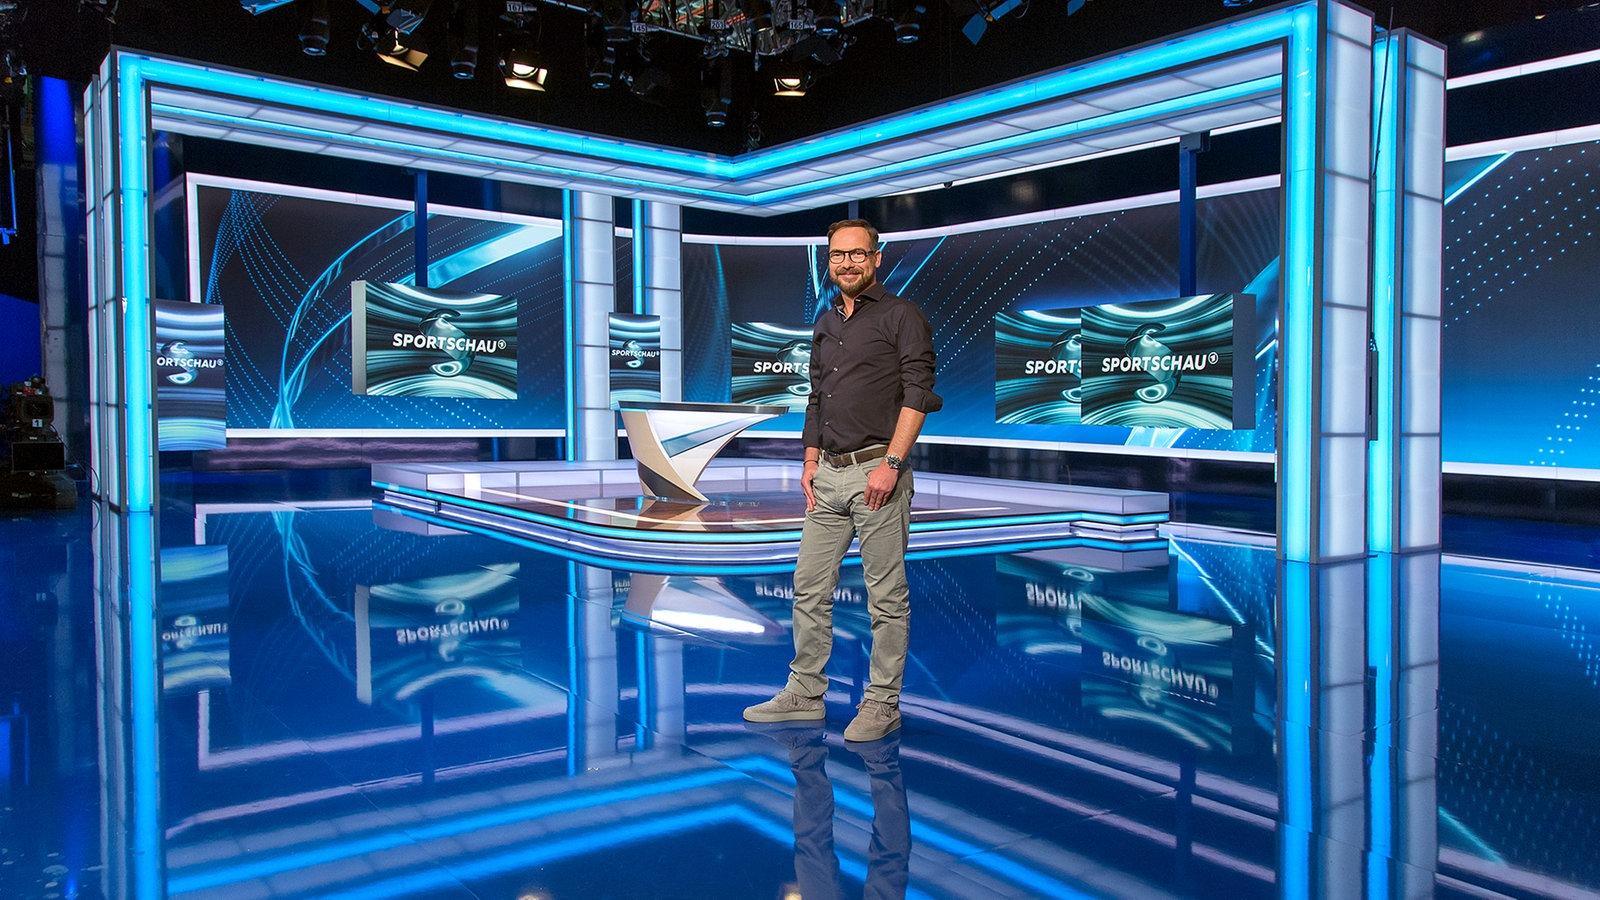 Ard Sportschau Live Stream